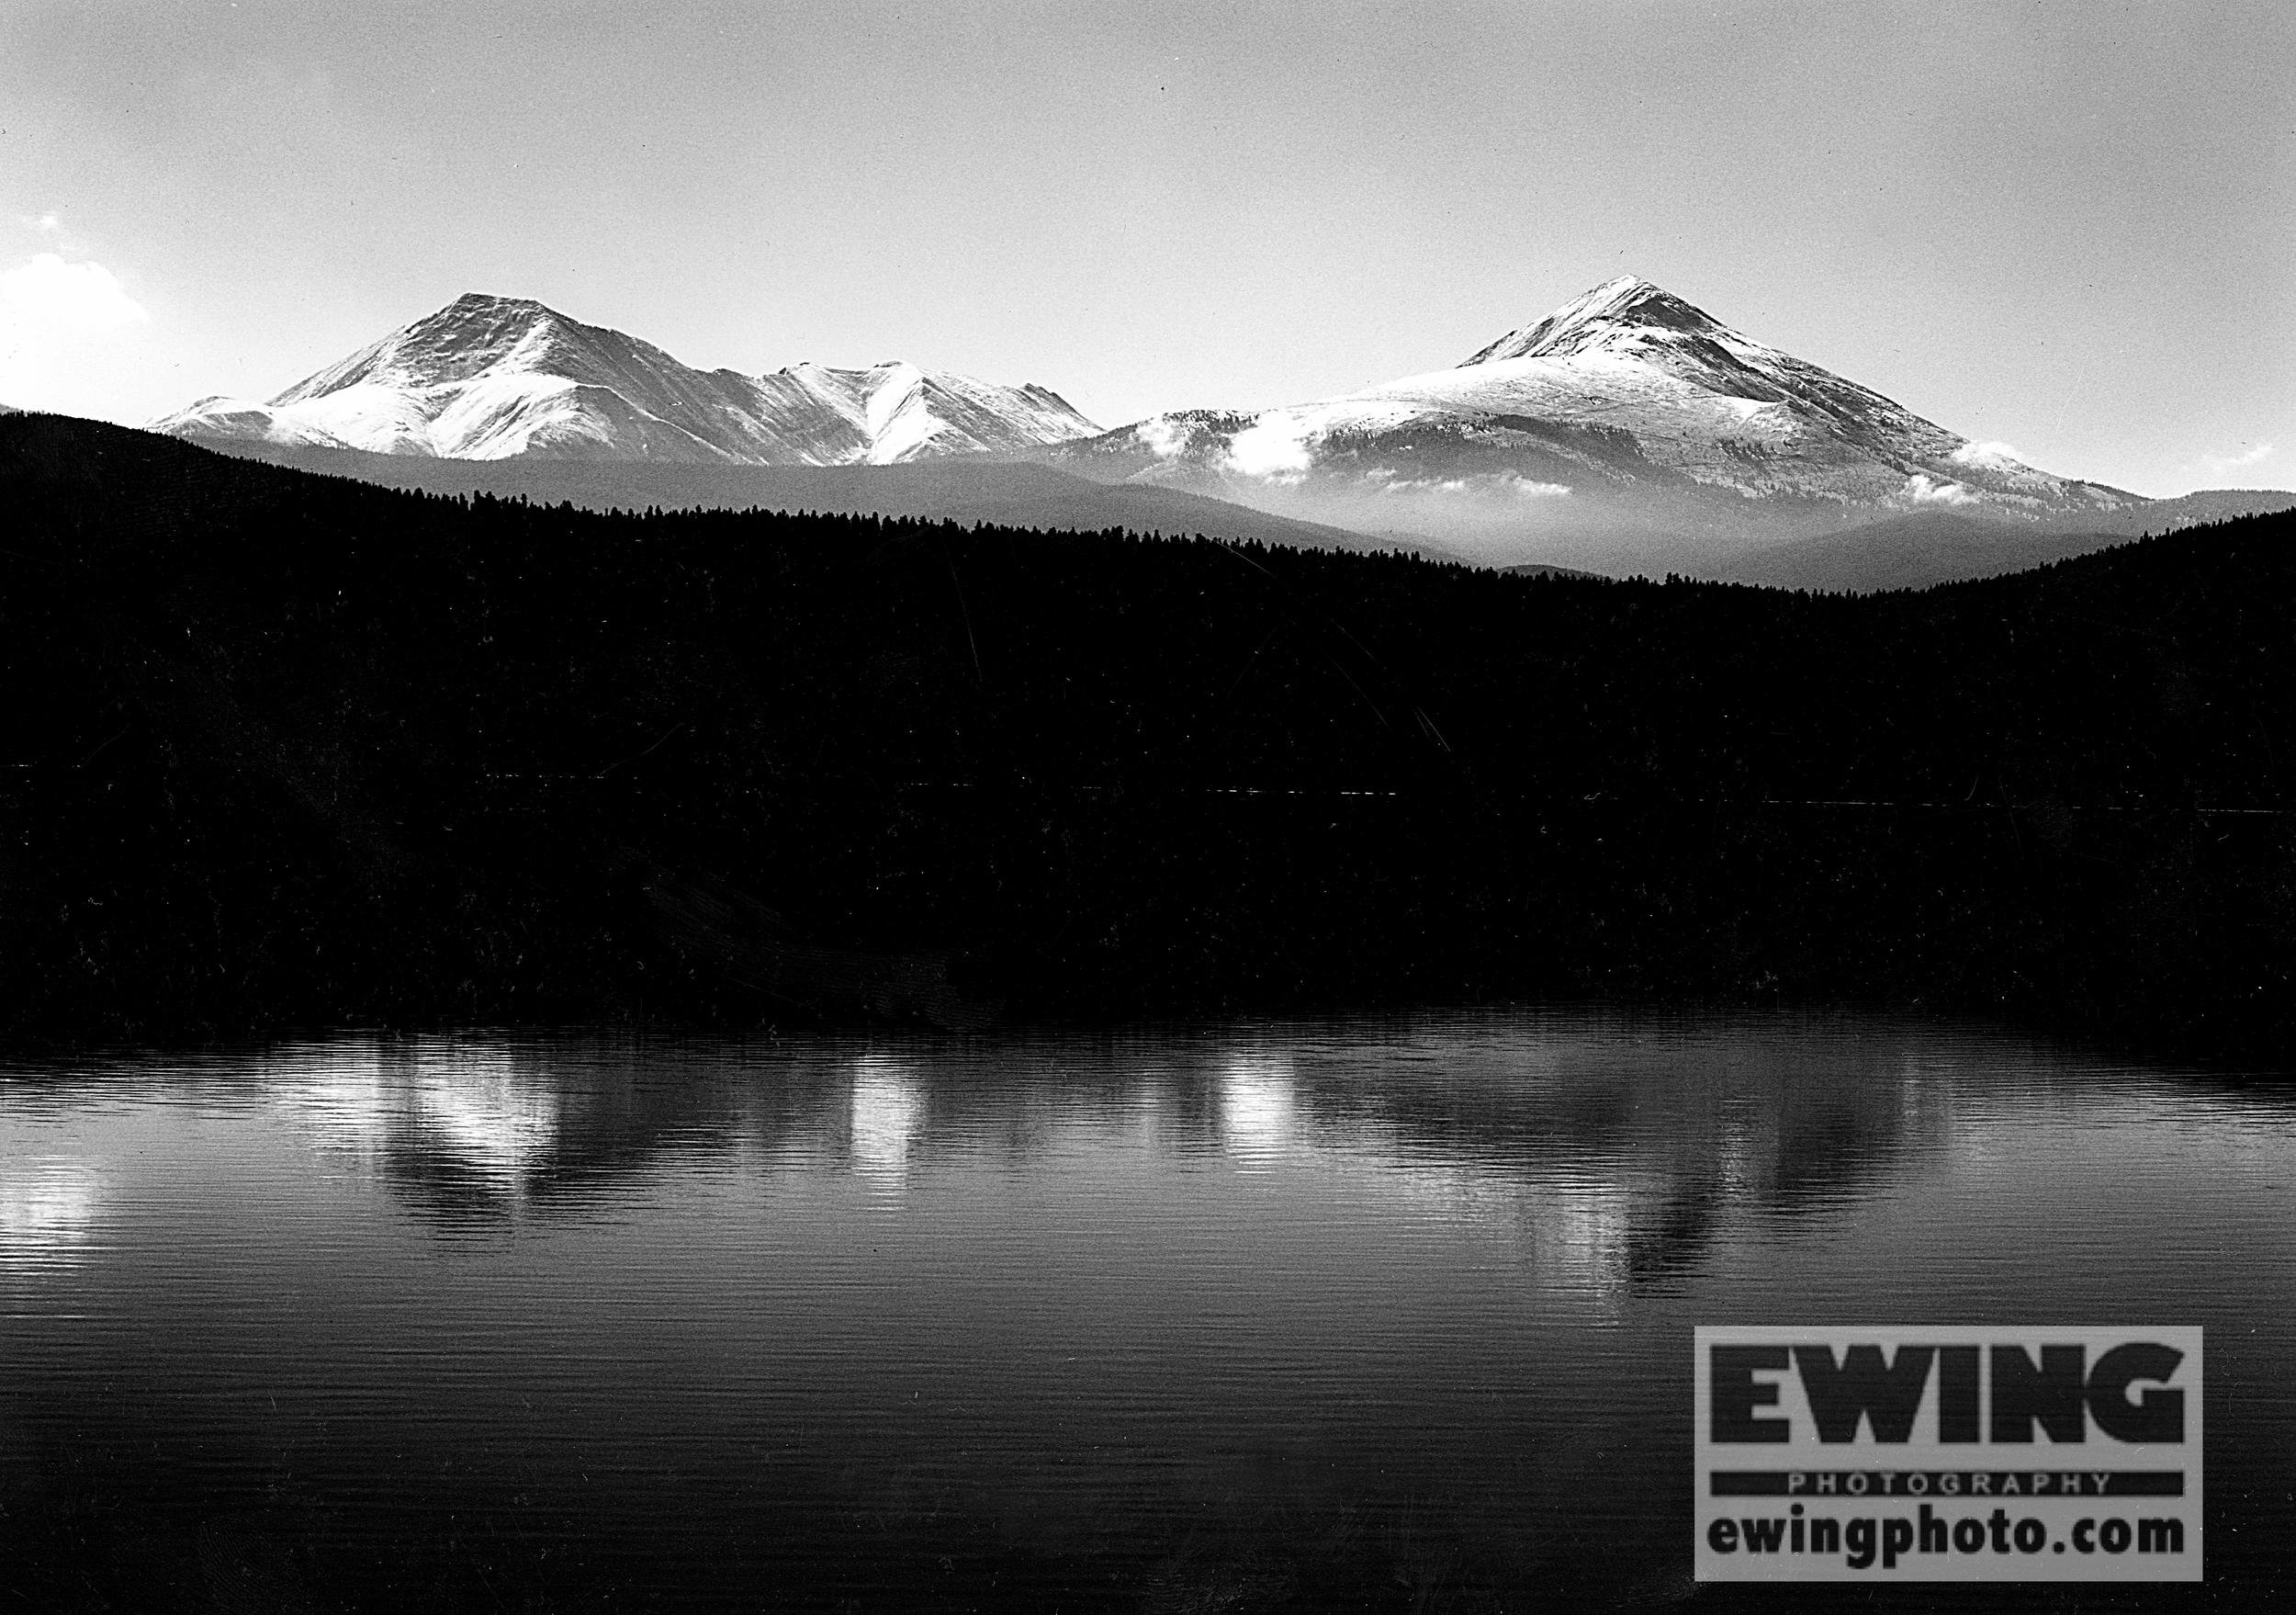 Reflection, Guyot & Baldie Peaks Dillon, Colorado